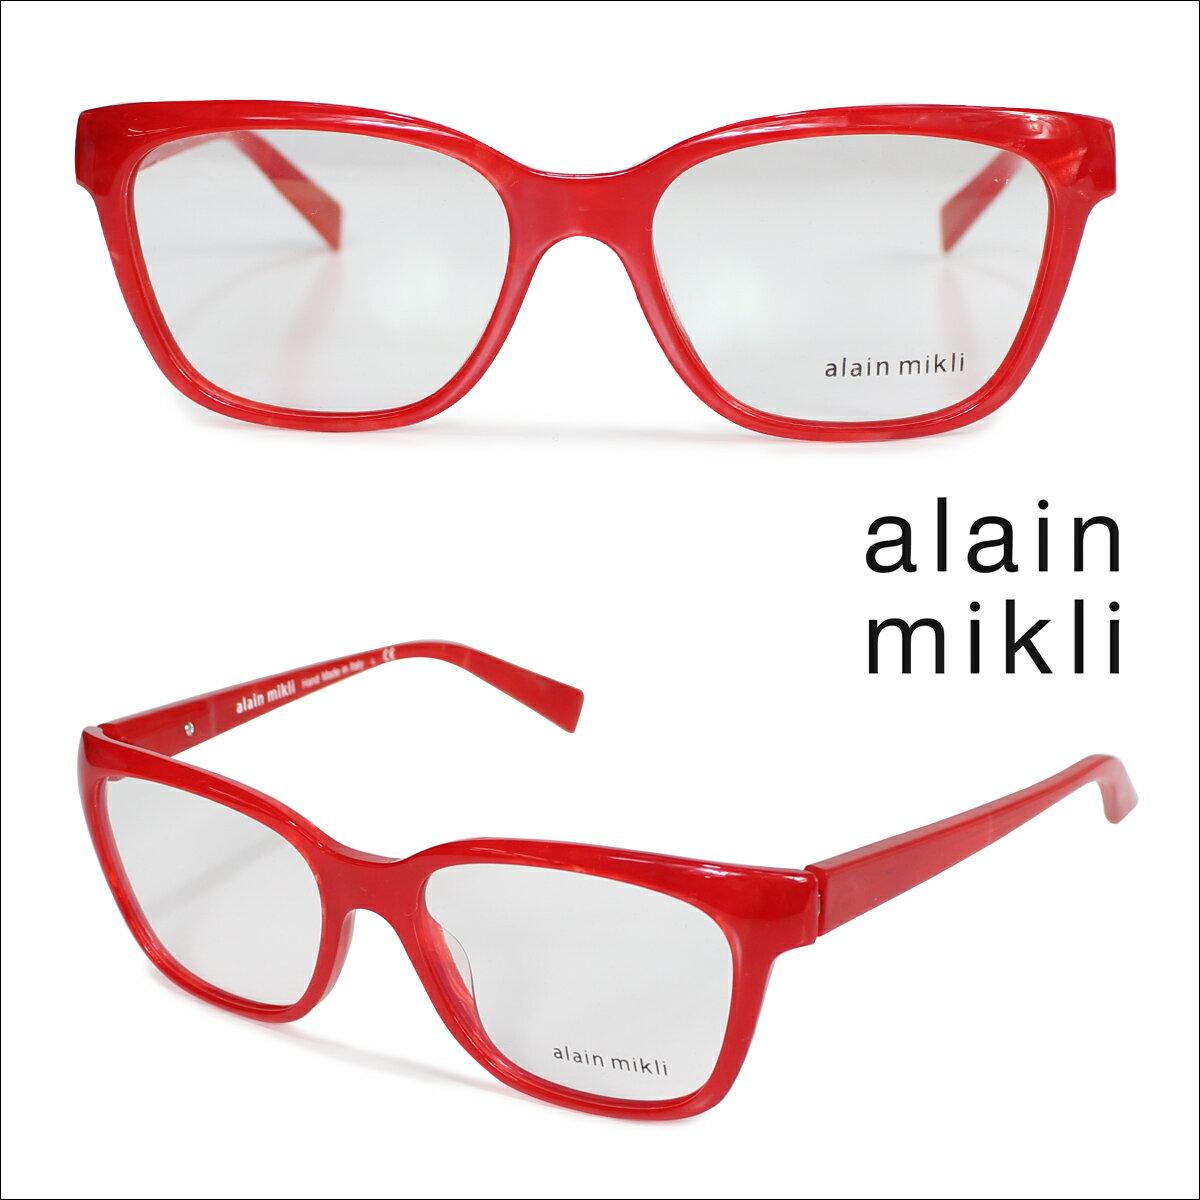 【最大2000円OFFクーポン ポイント最大32倍】 アランミクリ メガネ alain mikli メガネフレーム 眼鏡 イタリア製 メンズ レディース